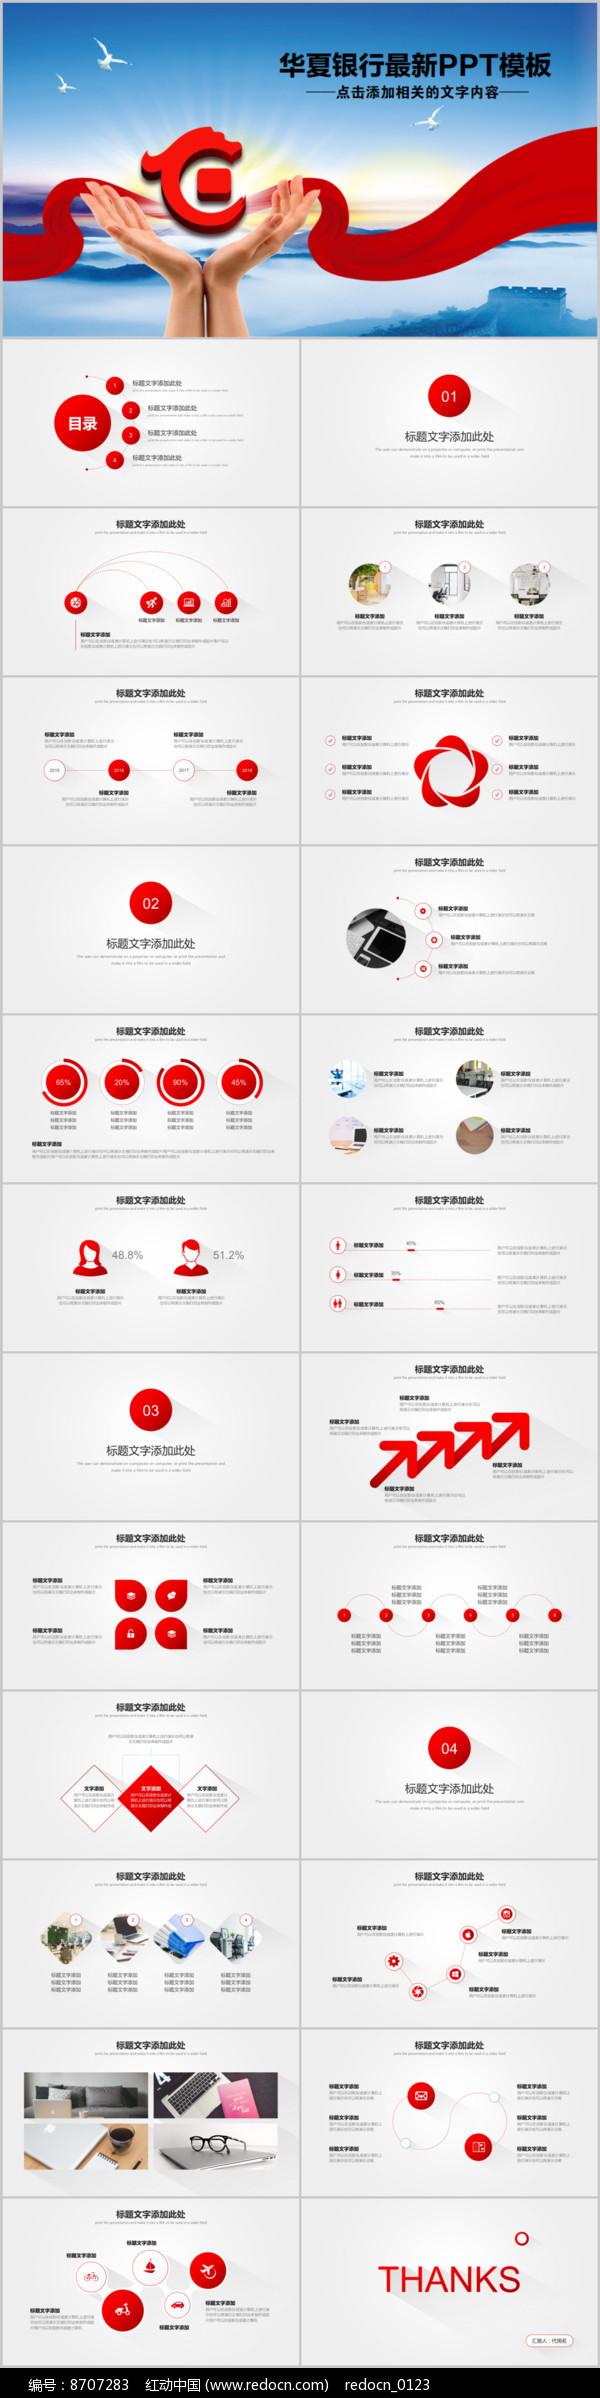 商务工作总结华夏银行ppt图片